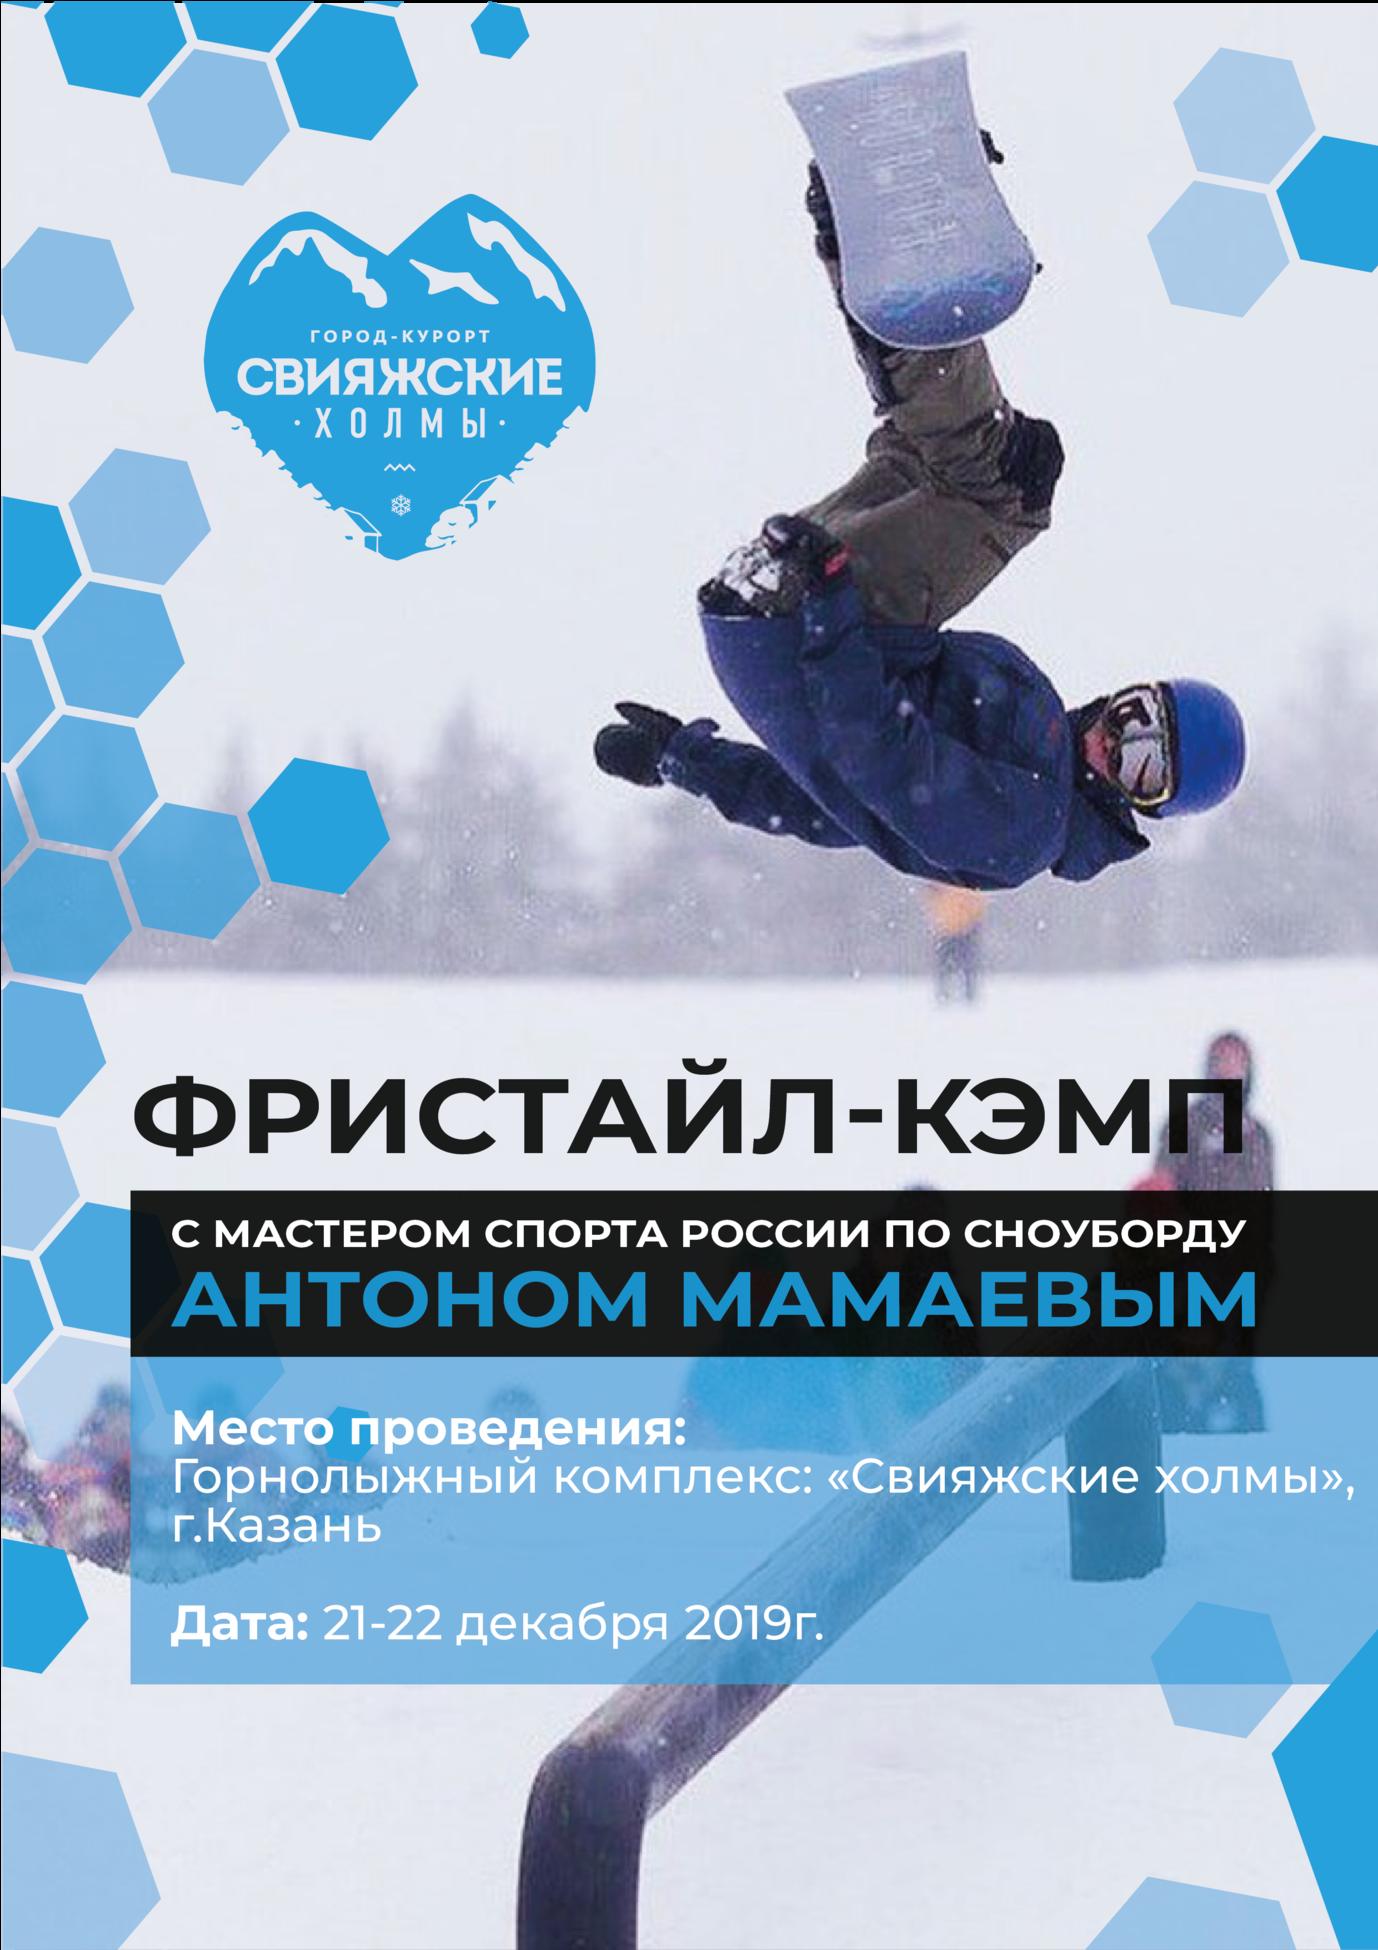 Фристайл-кэмп с Антоном Мамаевым